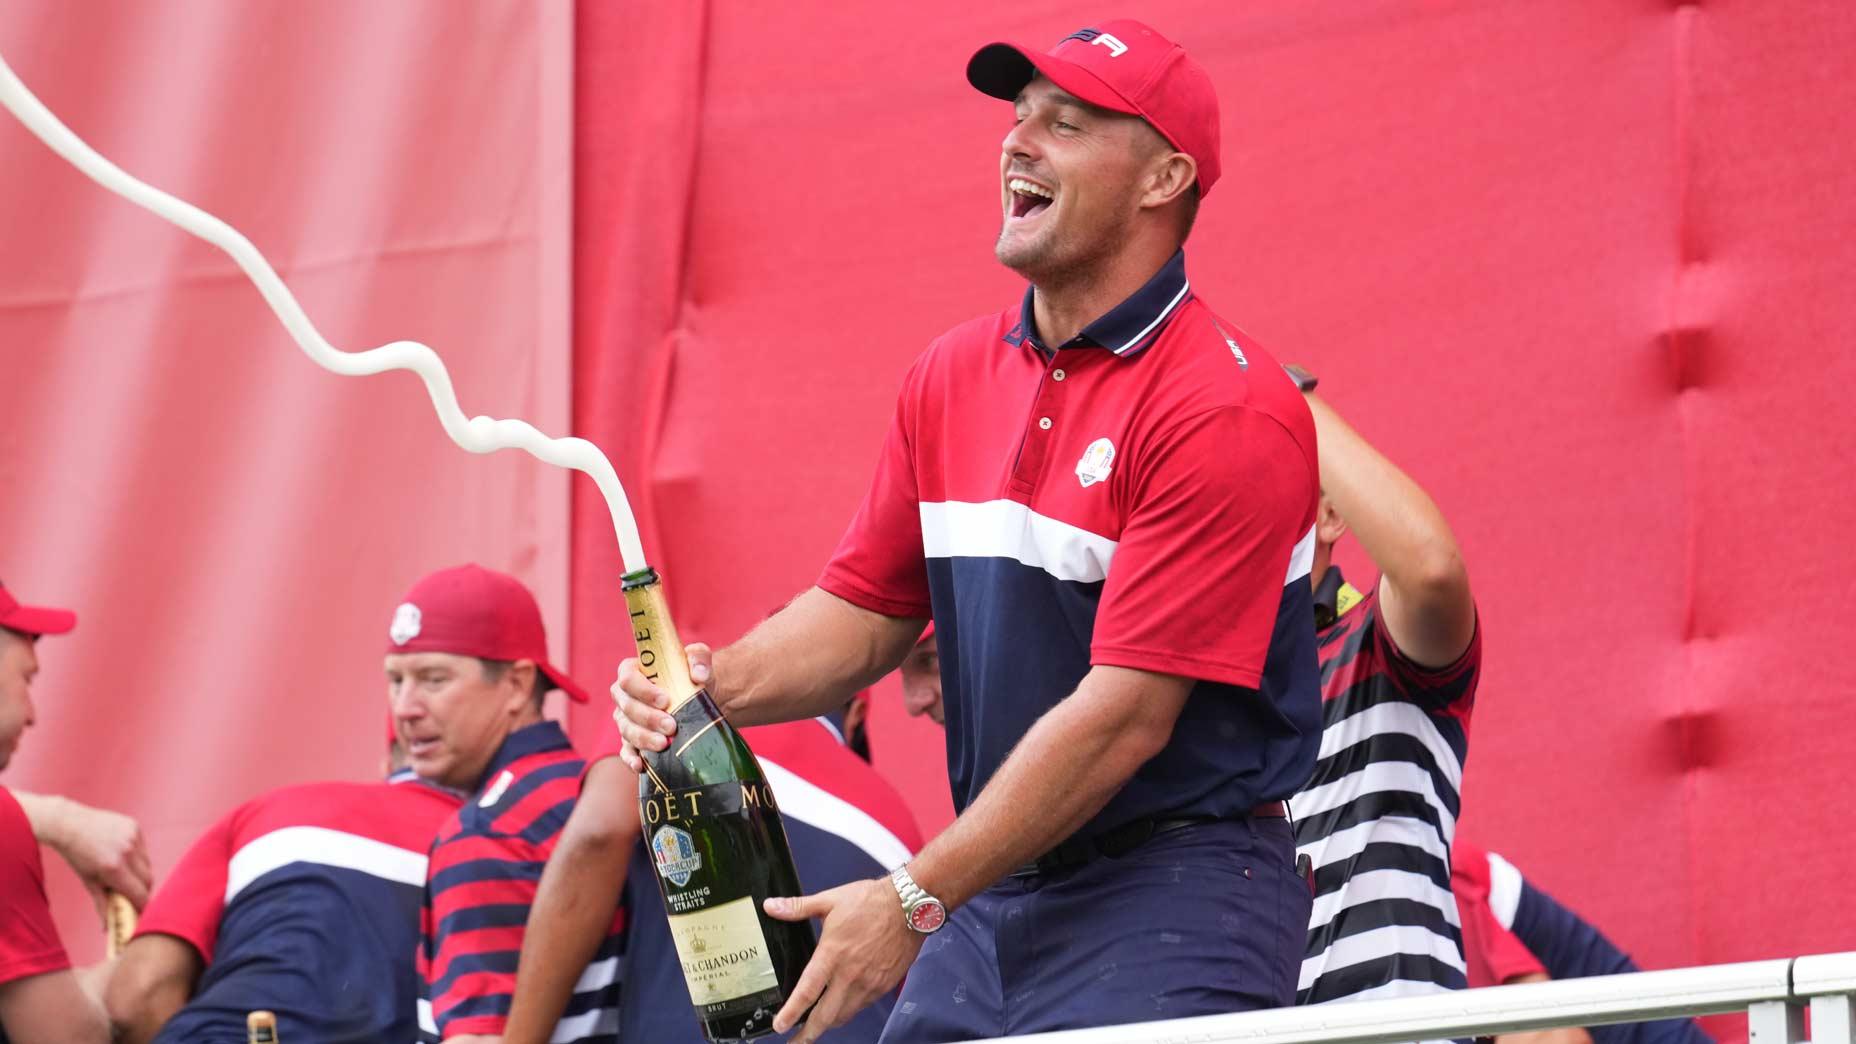 Bryson DeChambeau vaporise du champagne pour célébrer la victoire de la Ryder Cup 2021 à Whistling Straits